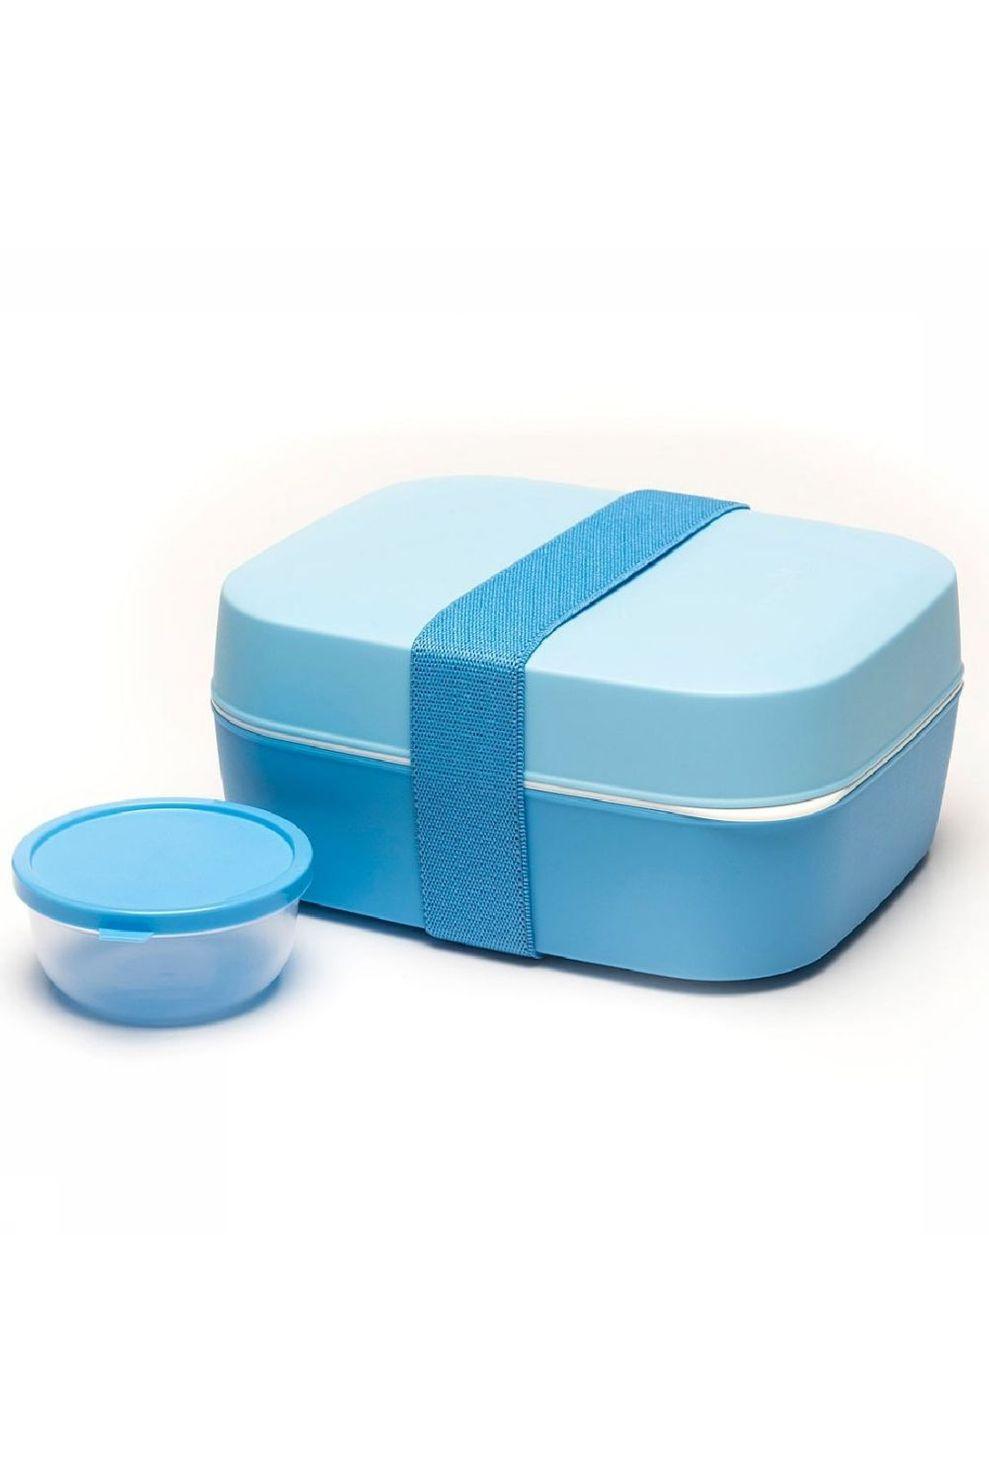 Amuse Voorraadpot Lunchbox 3 in 1 - Blauw